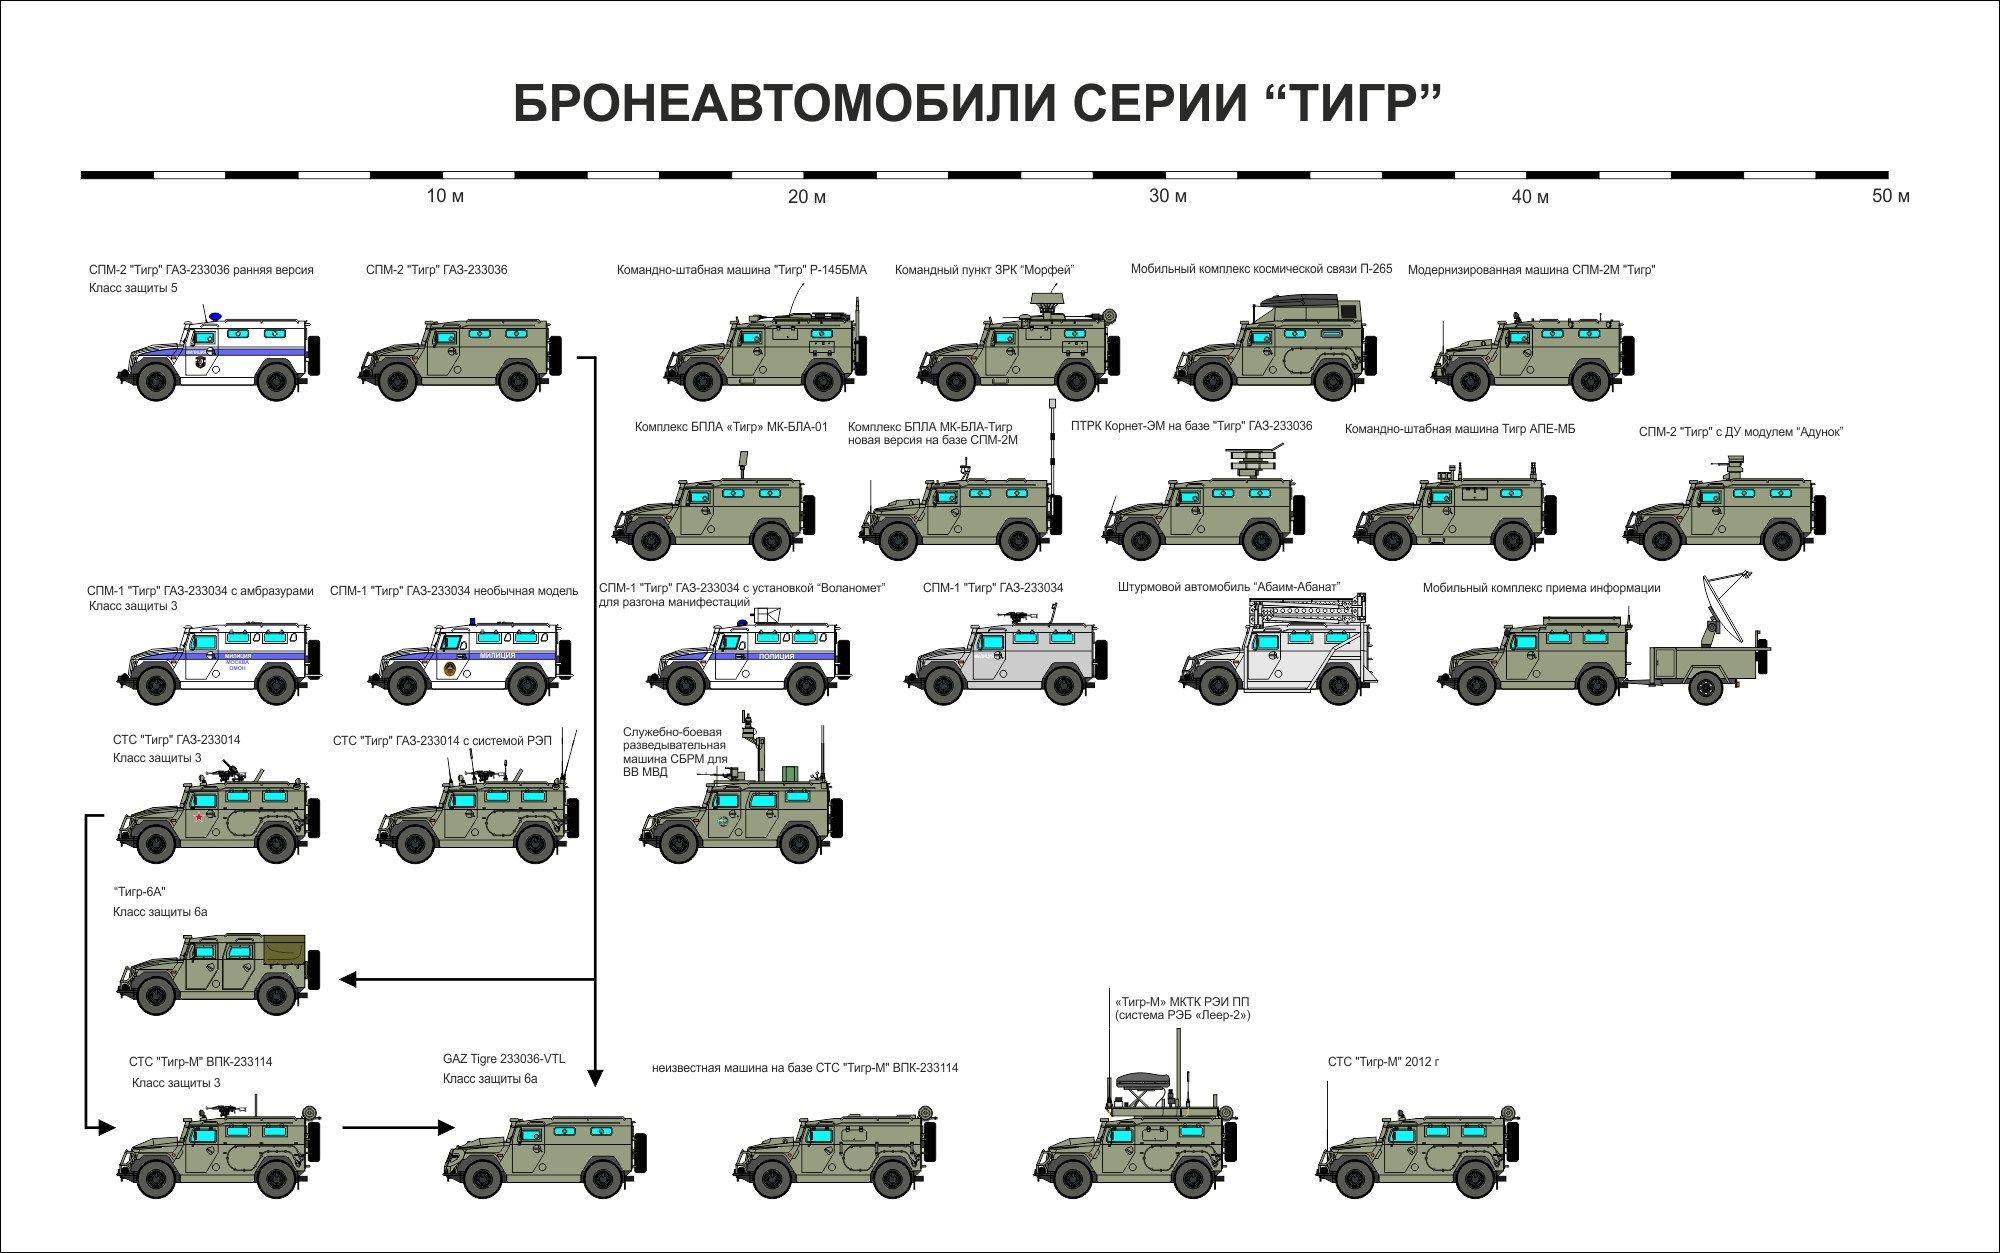 Инфографика модификаций легкой многоцелевой бронированной машины «Тигр».